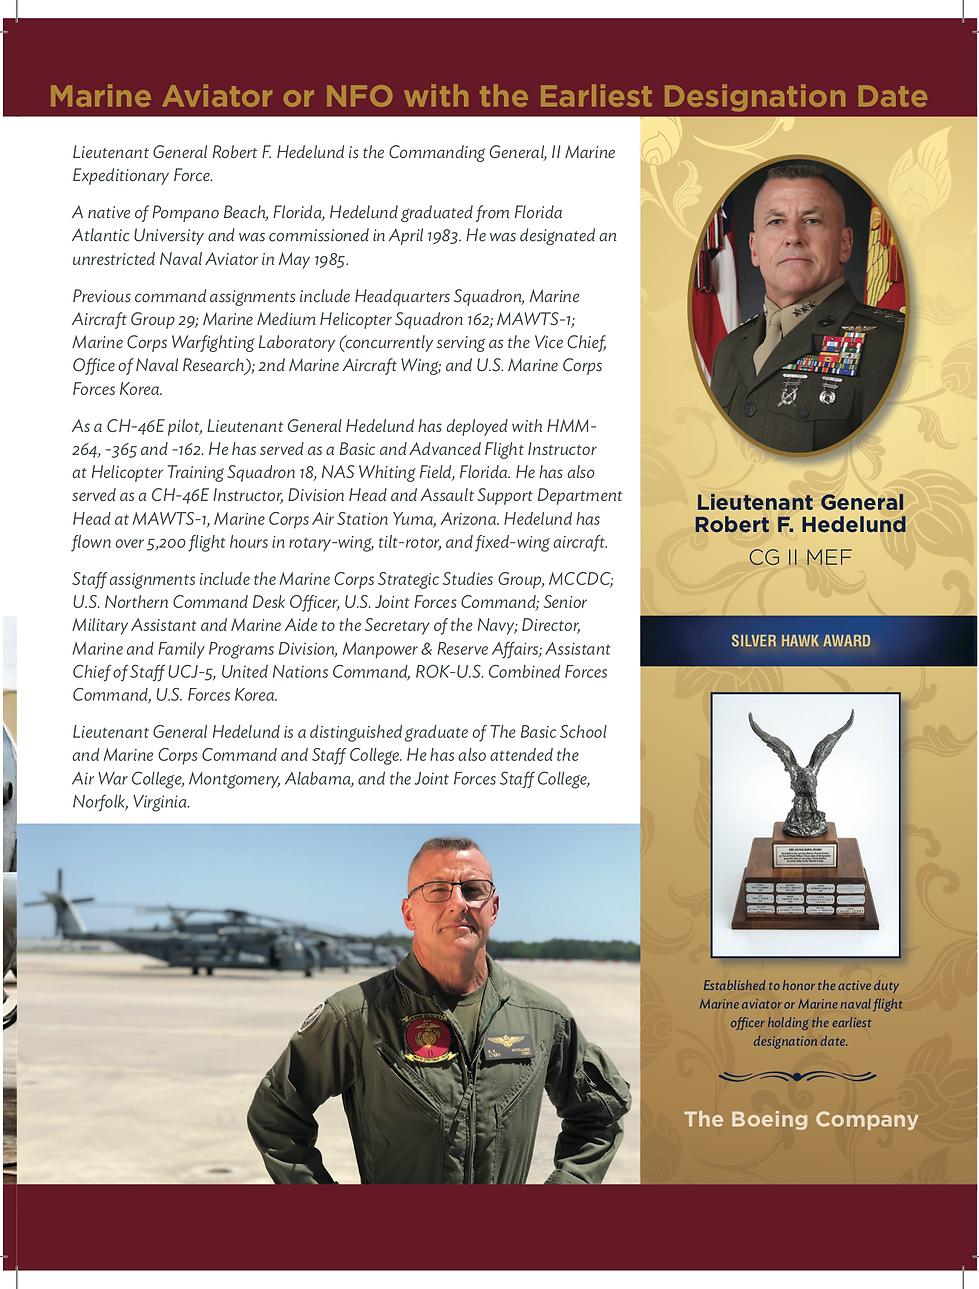 2019 Silver hawk award